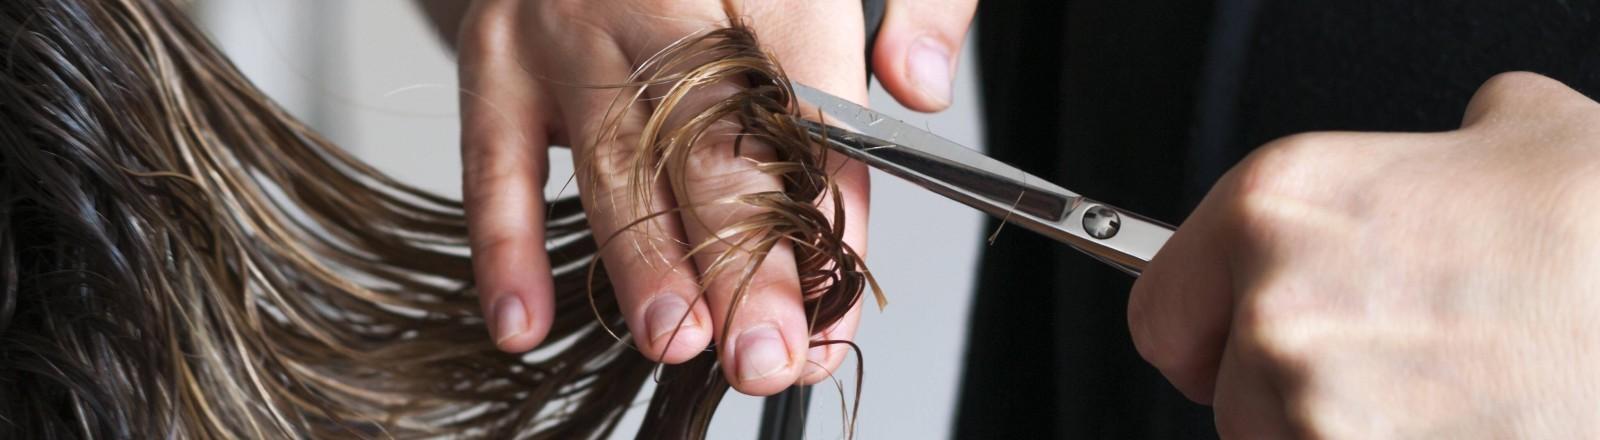 Eine Friseurin schneidet einer Person mit langen Haaren die Haarspitzen.